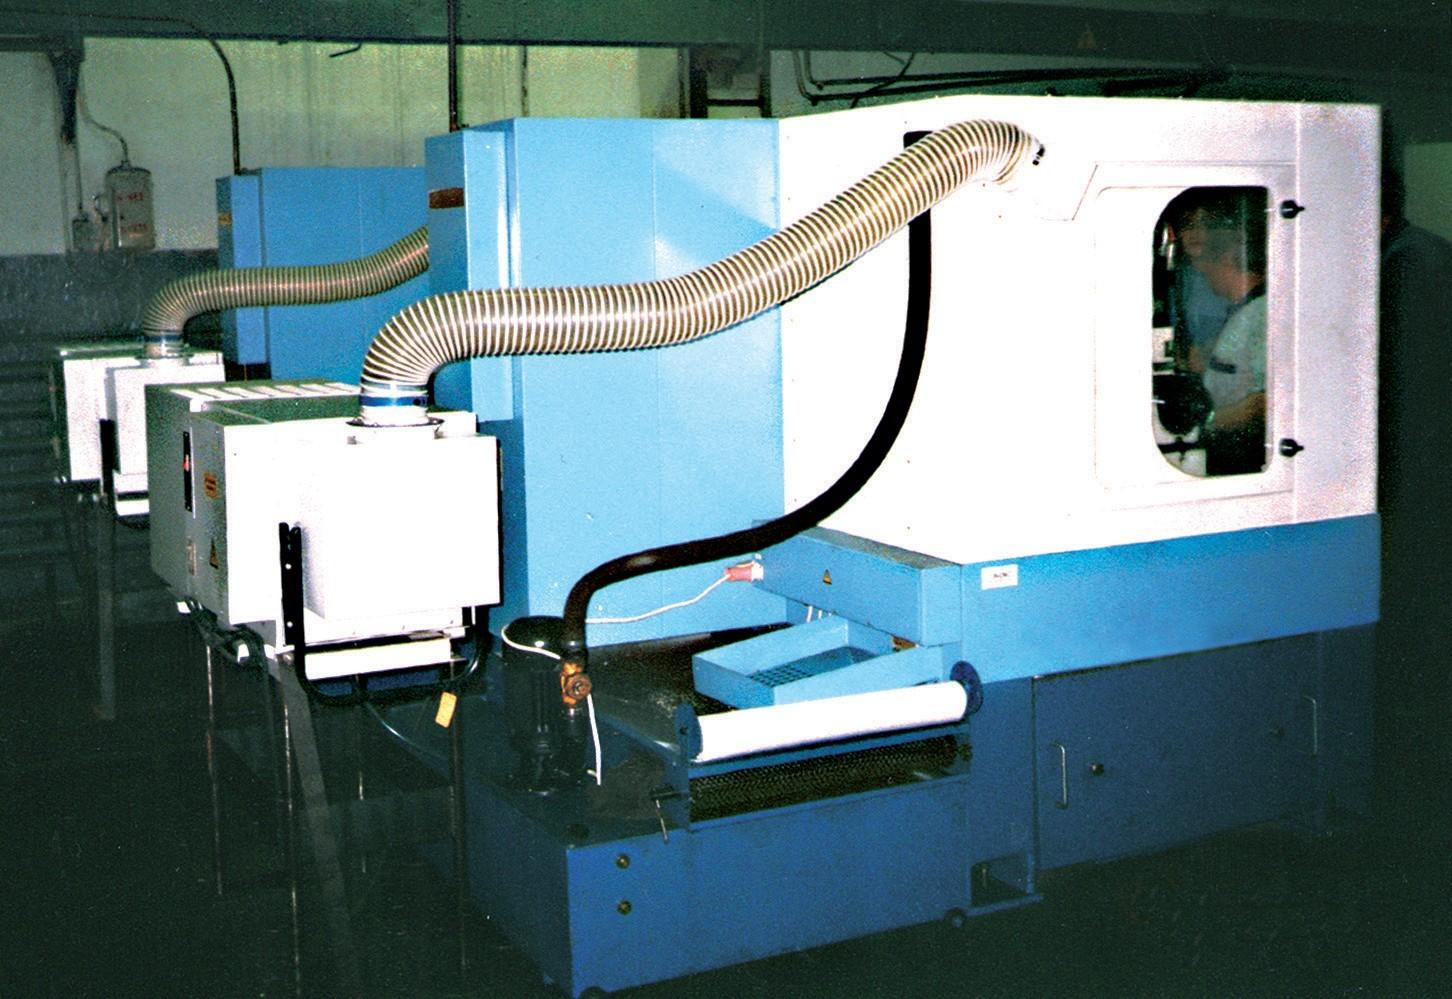 Электростатические фильтры ЭФВА-МС-ЭЛСТАТ – для очистки воздуха от туманов масел и эмульсий на основе масел (содержание масел не менее 5%) и дымов, образующихся при горении масел. Самоочищающиеся; с фильтрующими ионизационными и осадительными кассетами из алюминия, регенерируемыми промывкой водой. С пультом управления, системой сигнализации. Передвижные и стационарные.